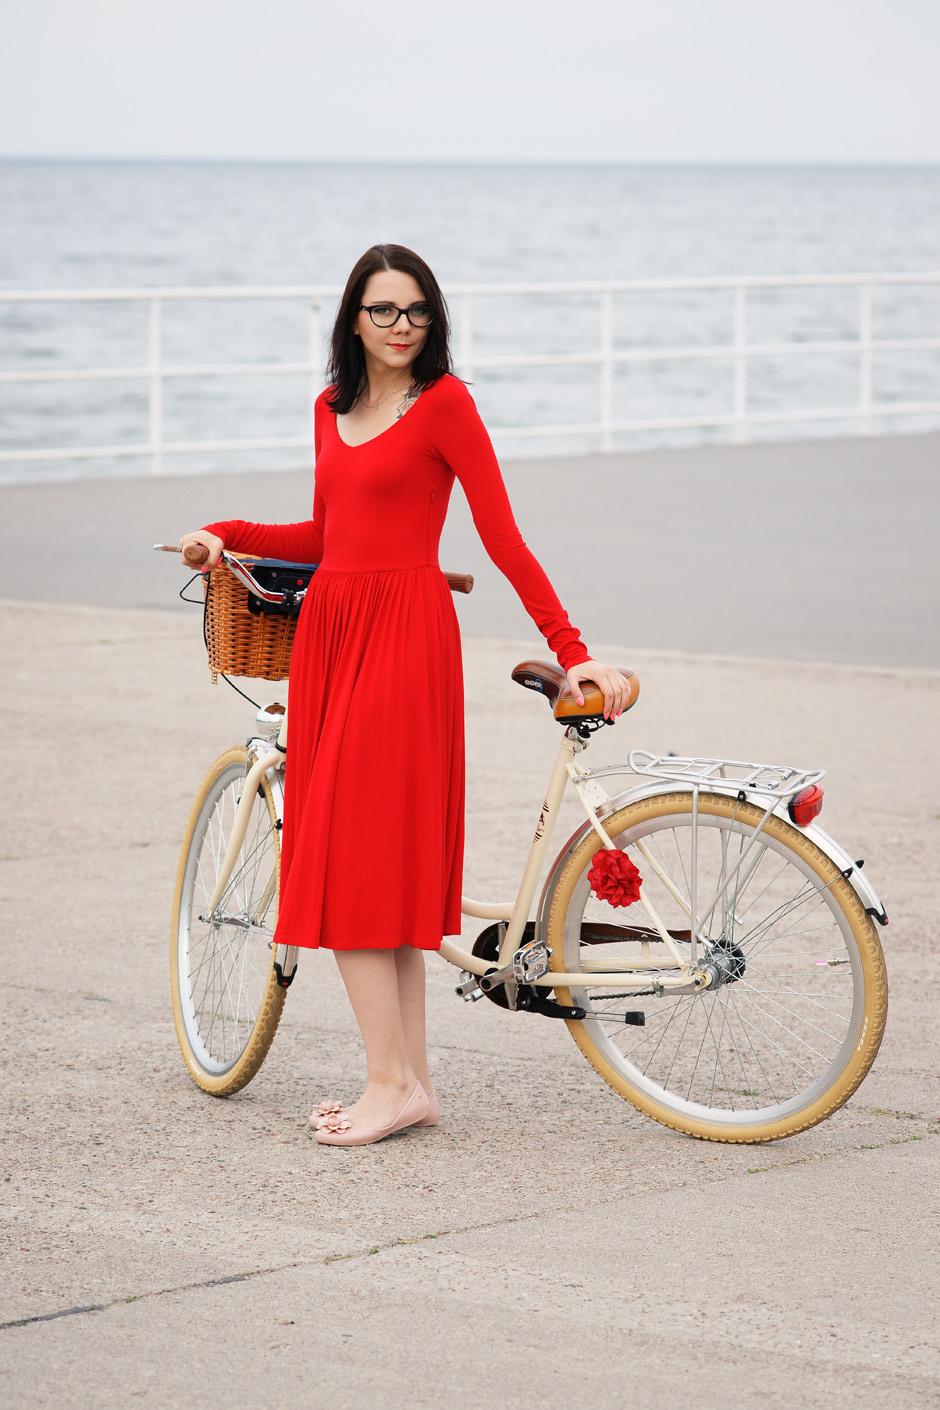 sukienka czerwona risk made in warsaw gotowa na wszystko, pudrowo różowe zaxy (9)